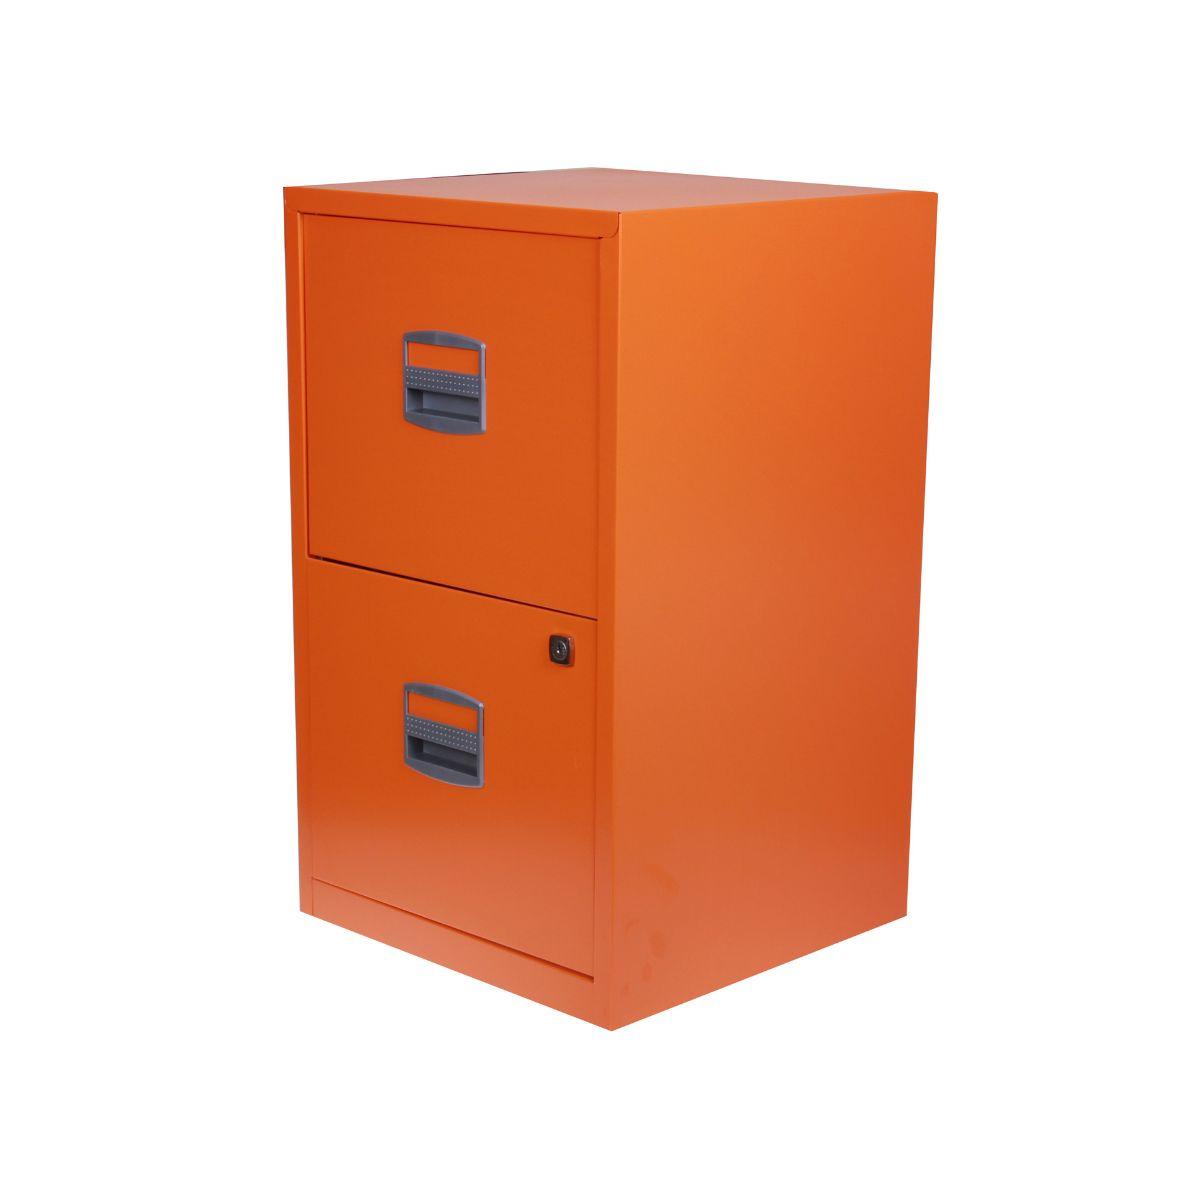 Bisley 2 Drawer Foolscap Filing Cabinet Black Cabinets